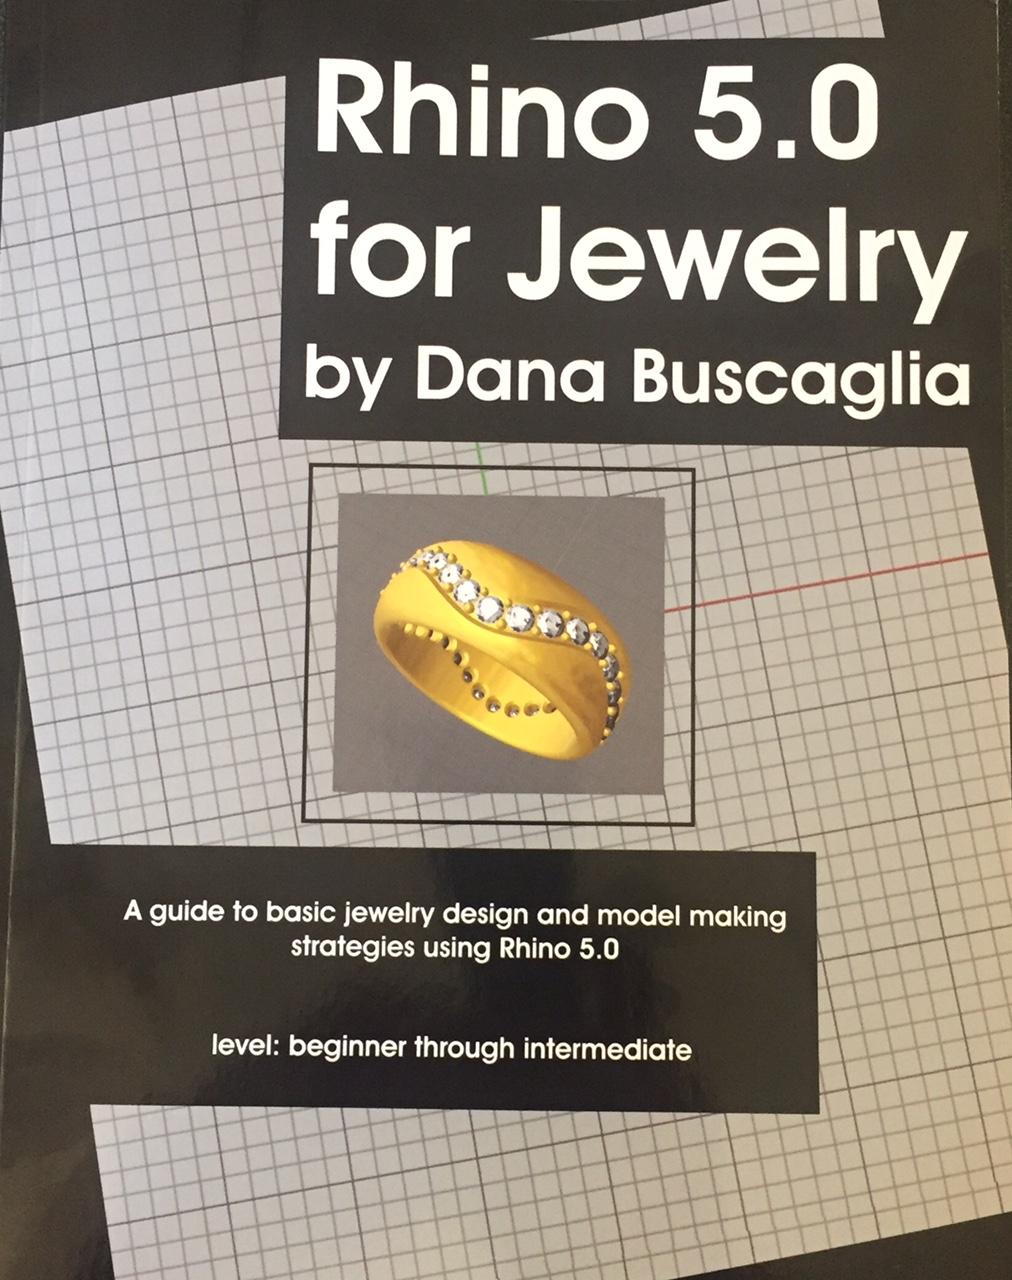 rhino for jewelry by dana buscaglia pdf